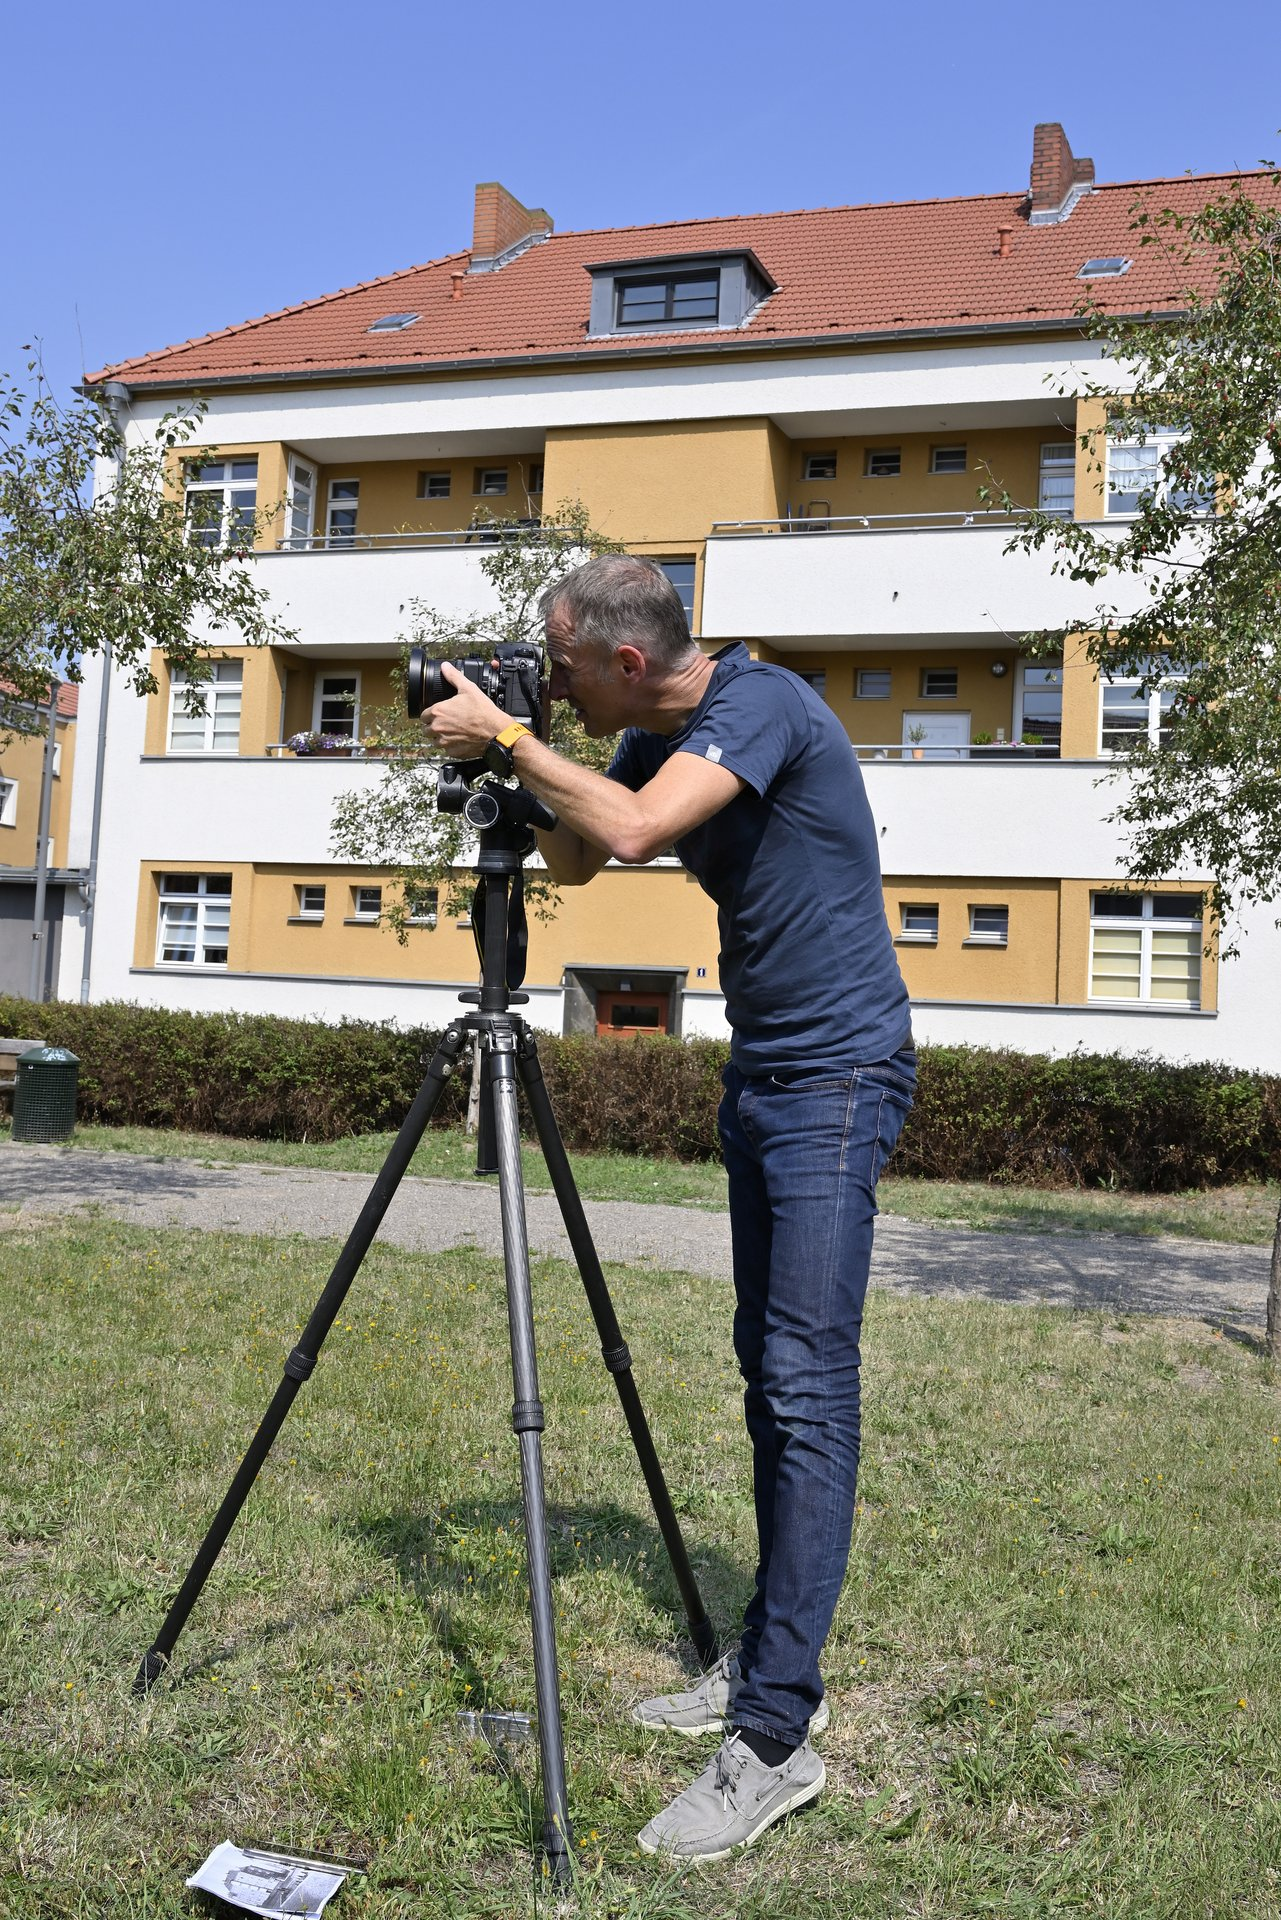 : Der Fotograf beginnt mit der Vermessung für die Nachstellung historischer Bilder in Köln.